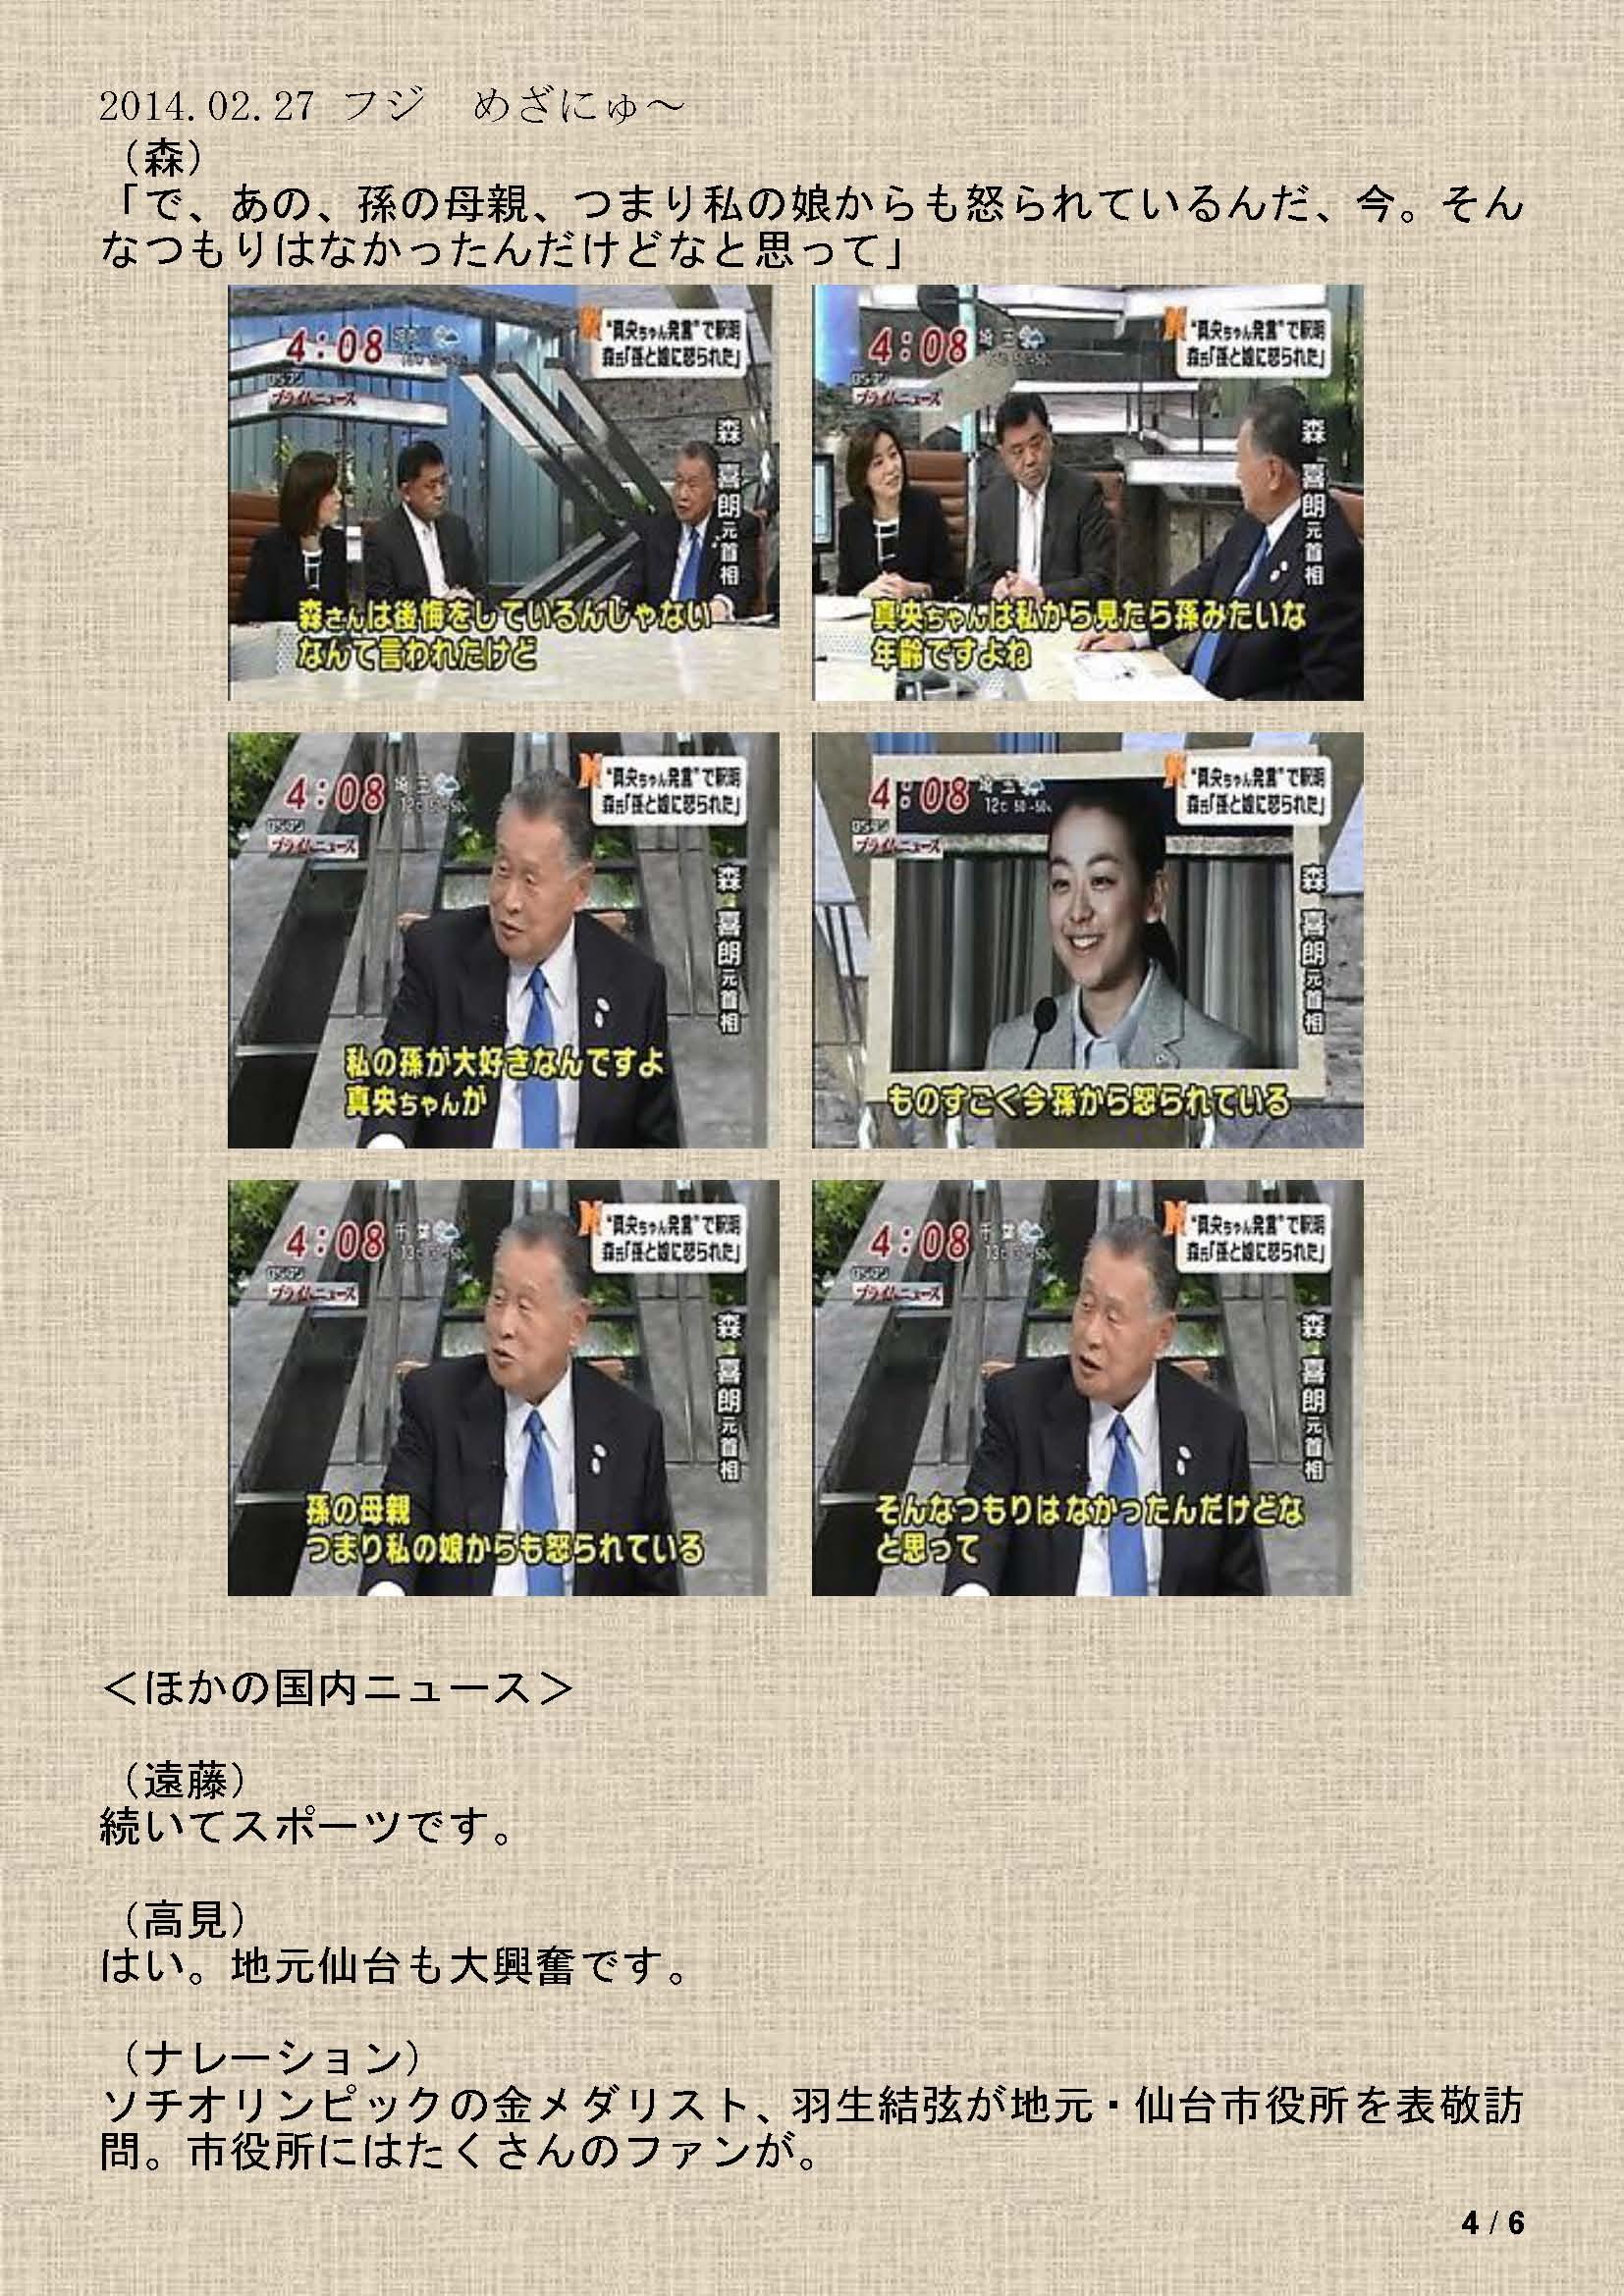 2014.02.27 フジ めざにゅ~(羽生・浅田(森元首相関連))_ページ_4